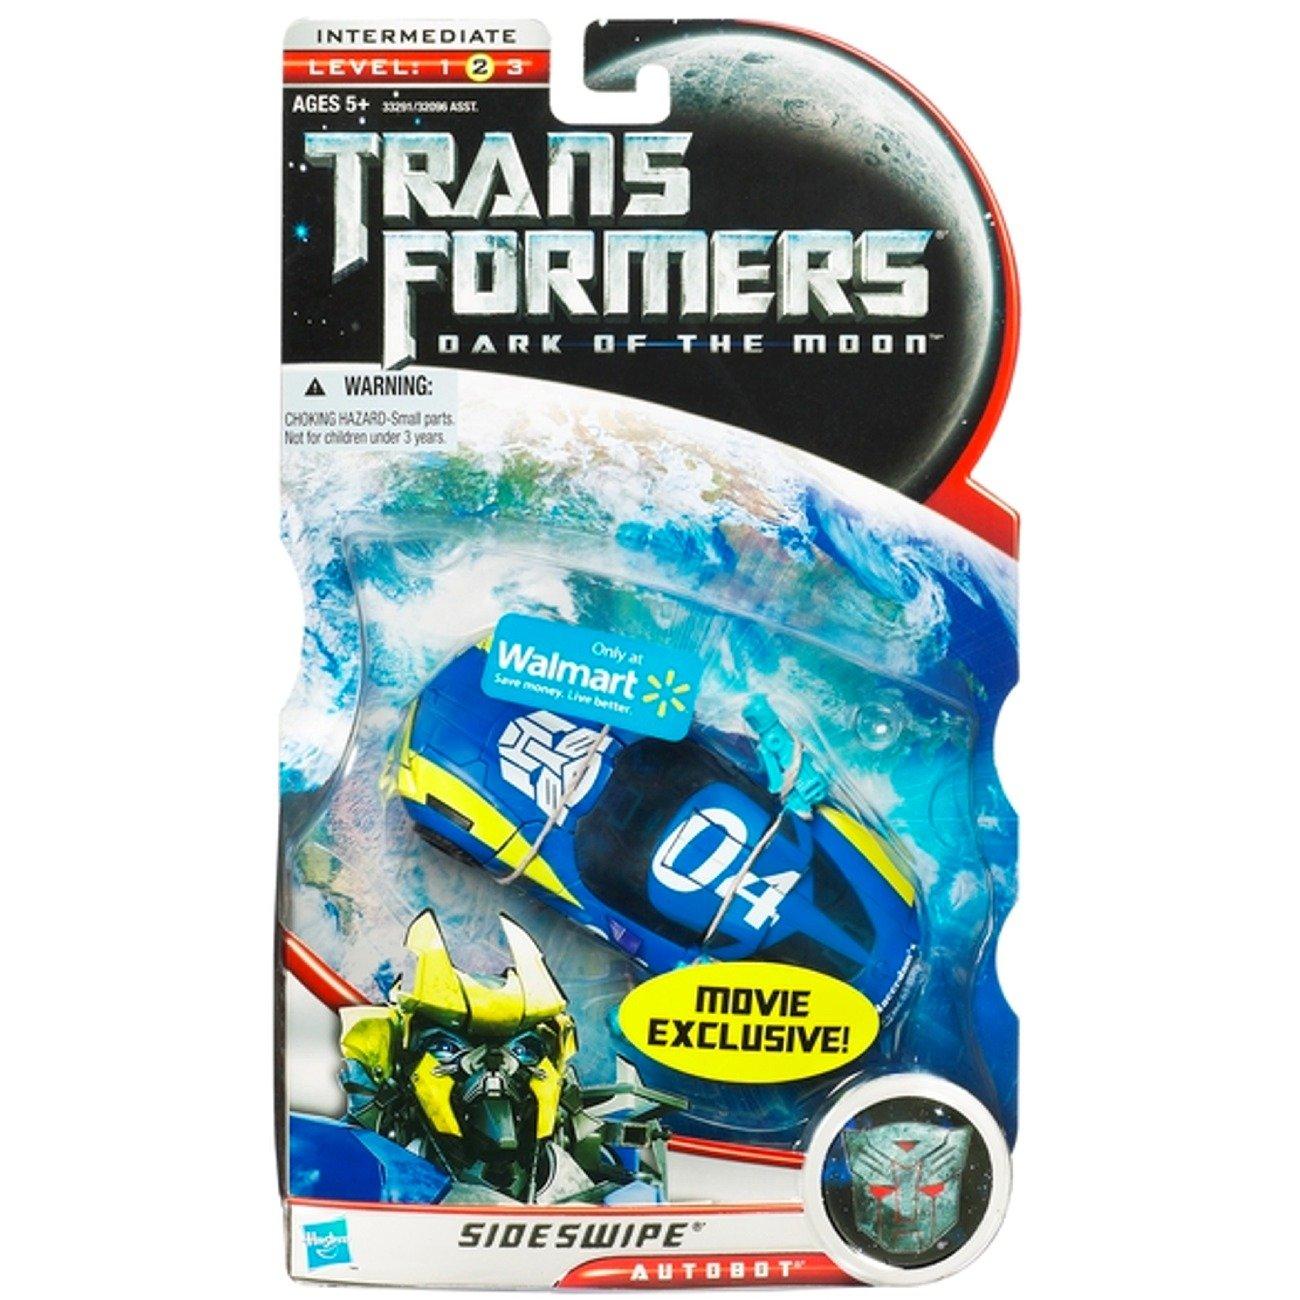 Transformers 3 Dark of the Moon Sideswipe 33291 günstig als Geschenk kaufen